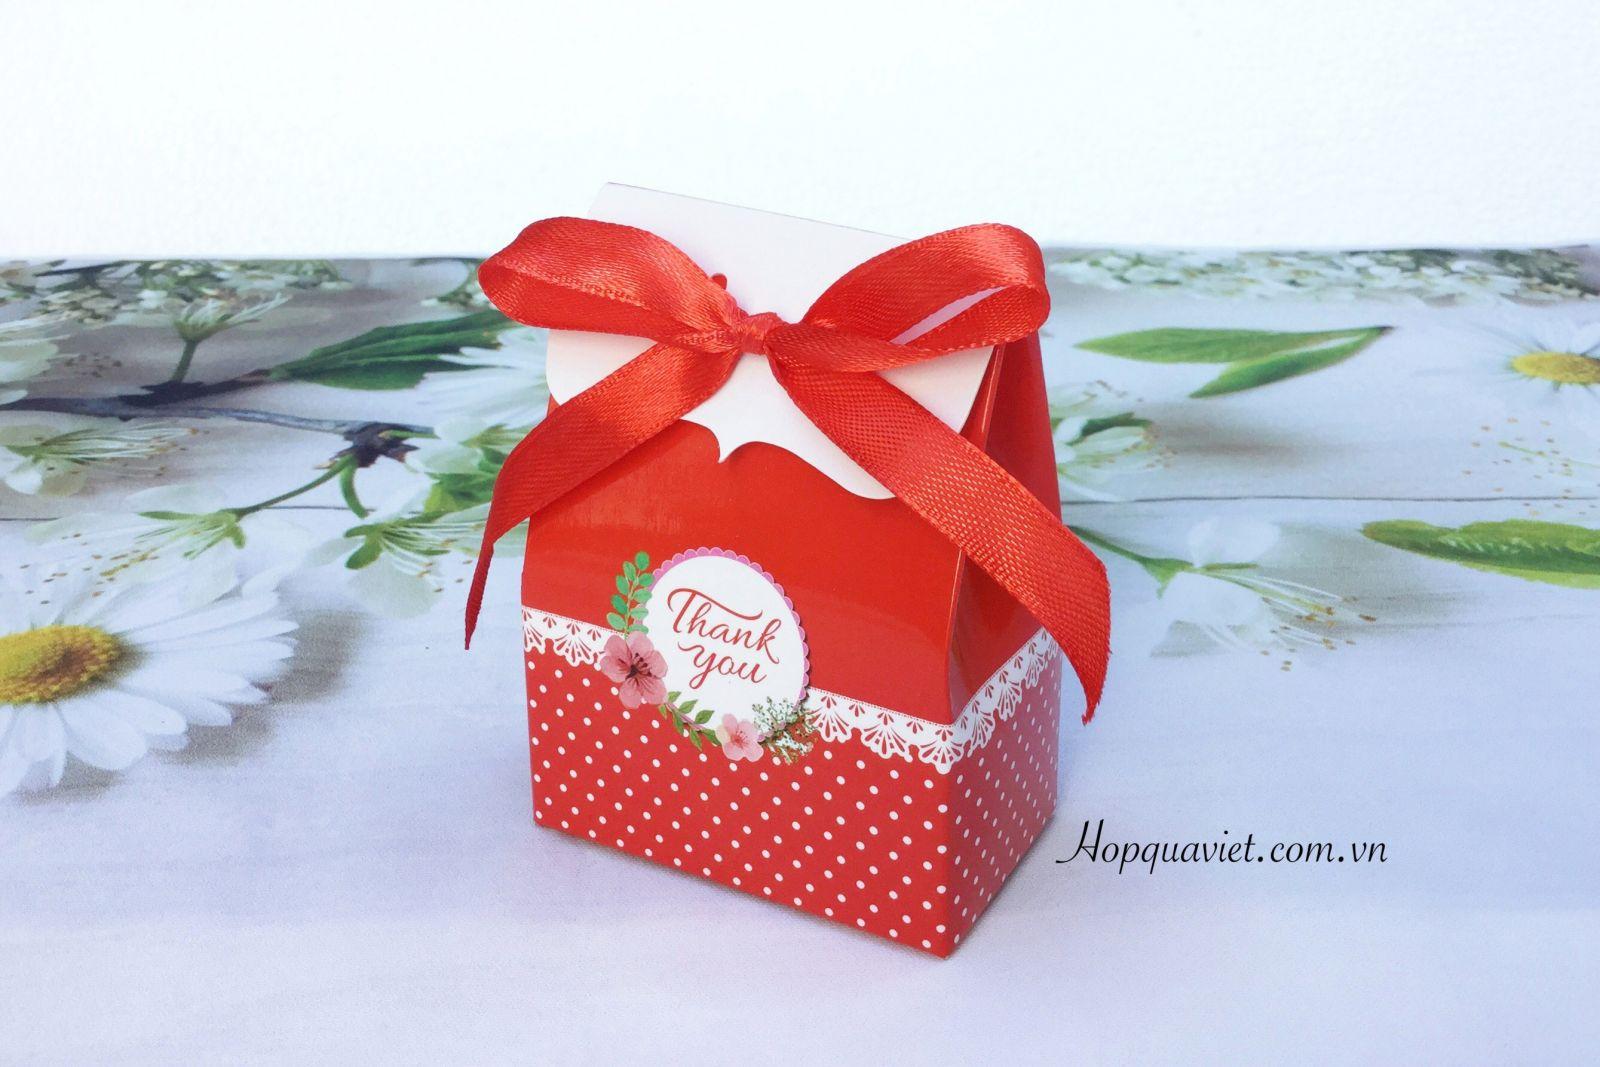 Hộp quà cưới chữ nhật hoa đỏ 11D